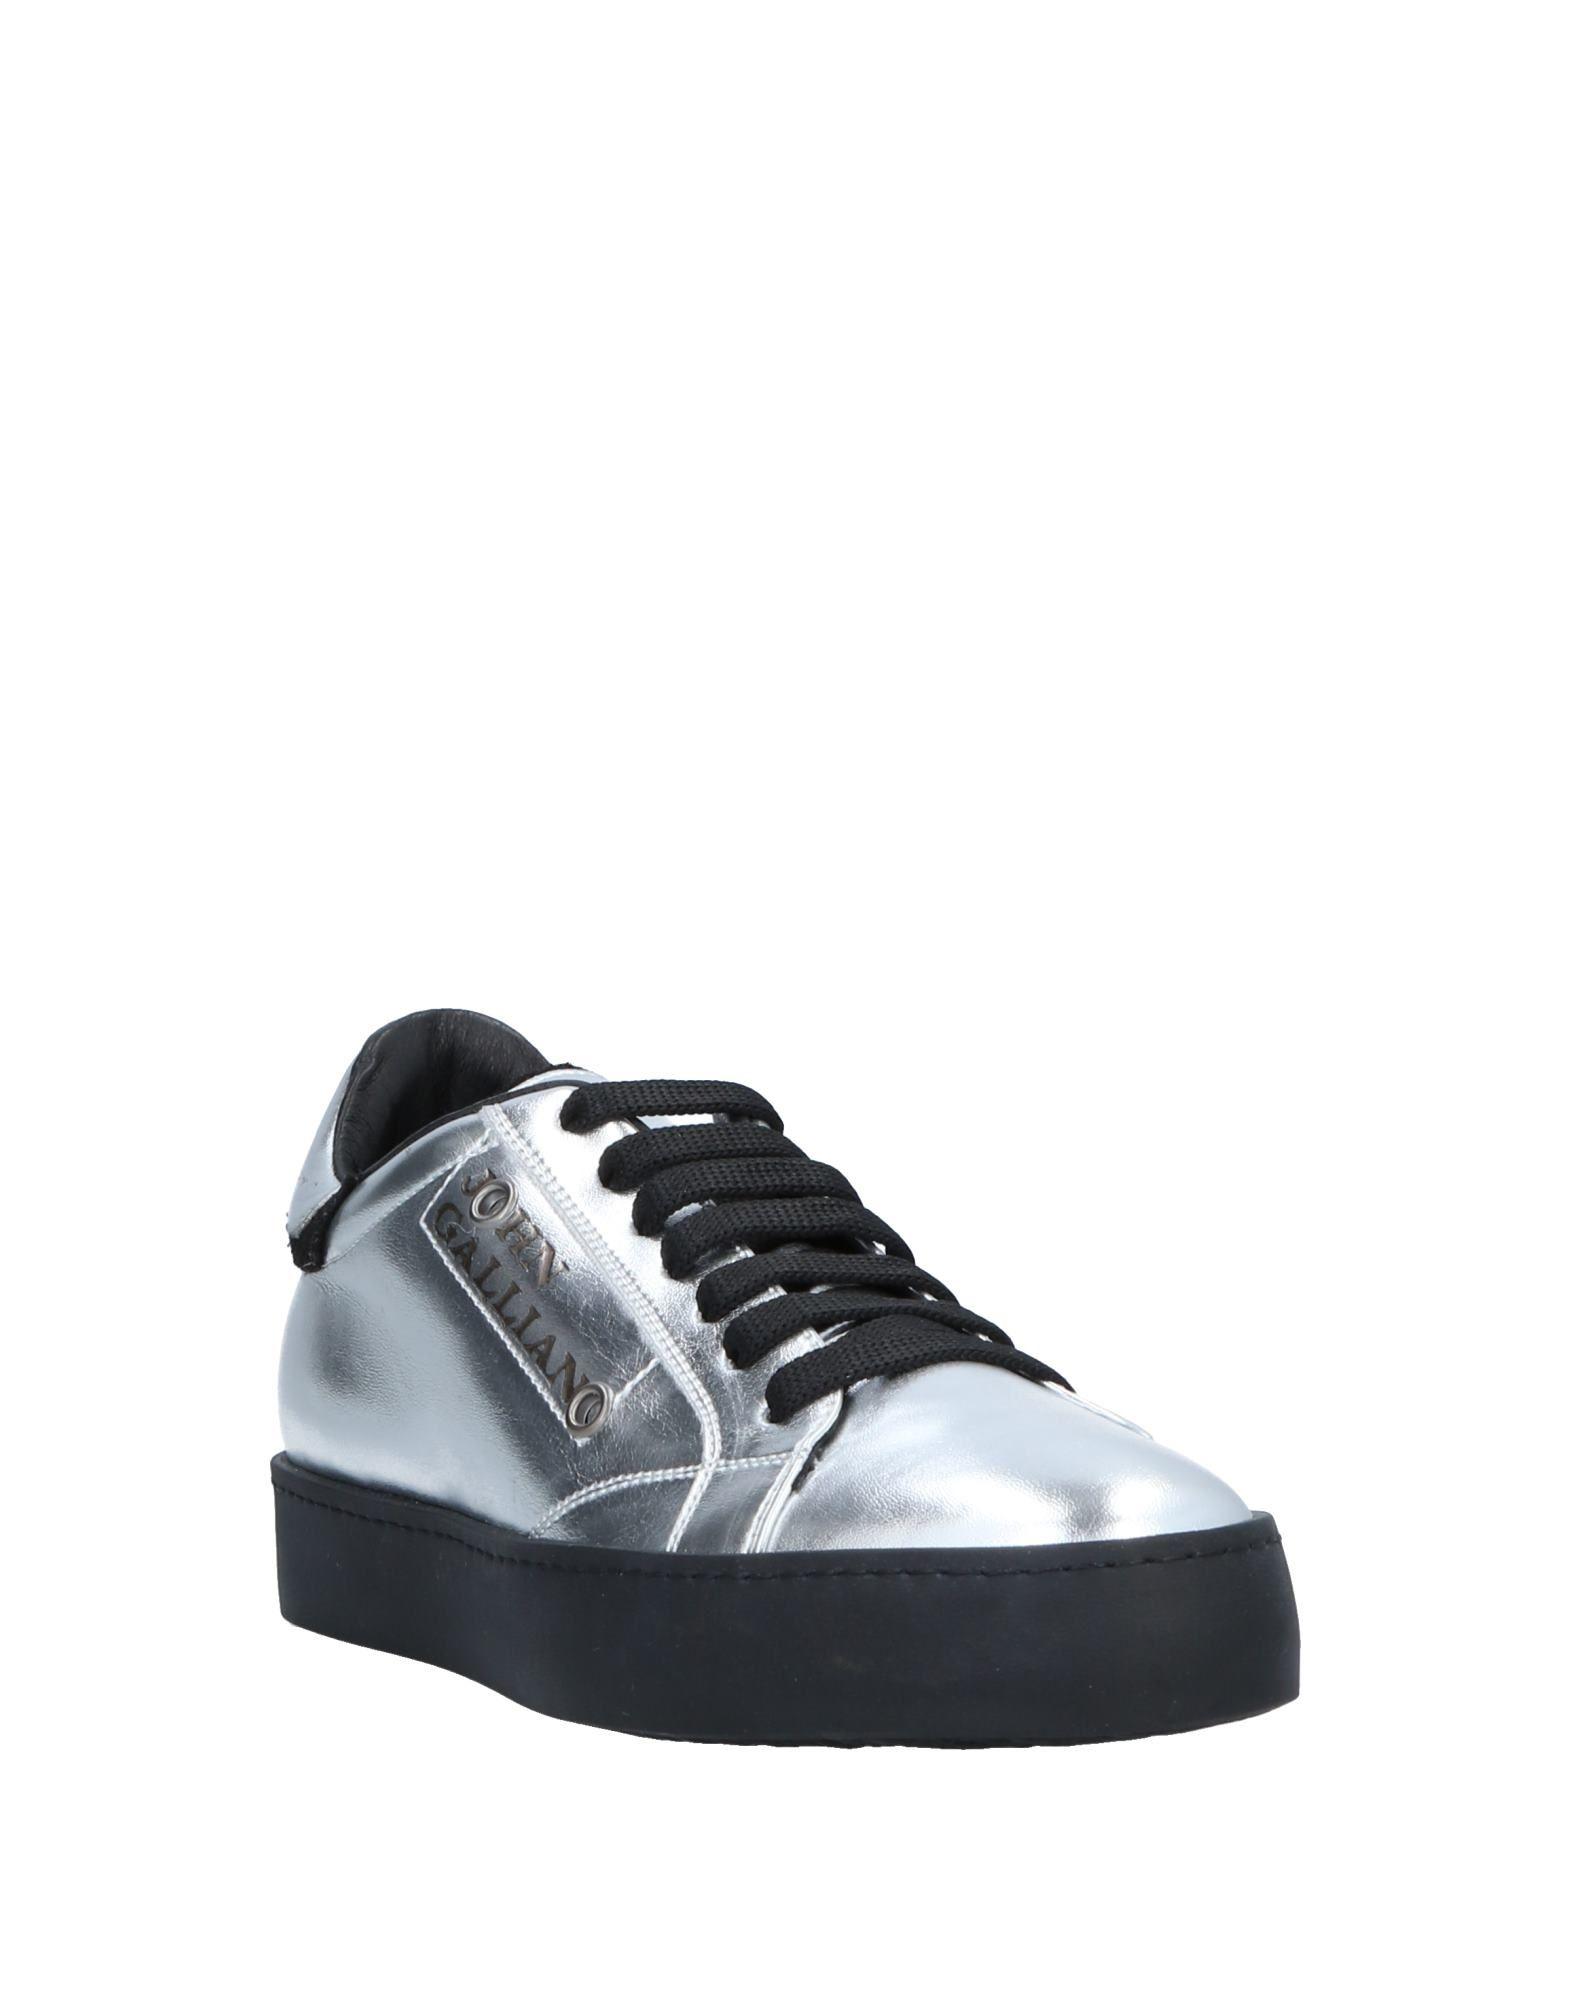 Rabatt Damen Schuhe John Galliano Sneakers Damen Rabatt  11516637PC 2023d7